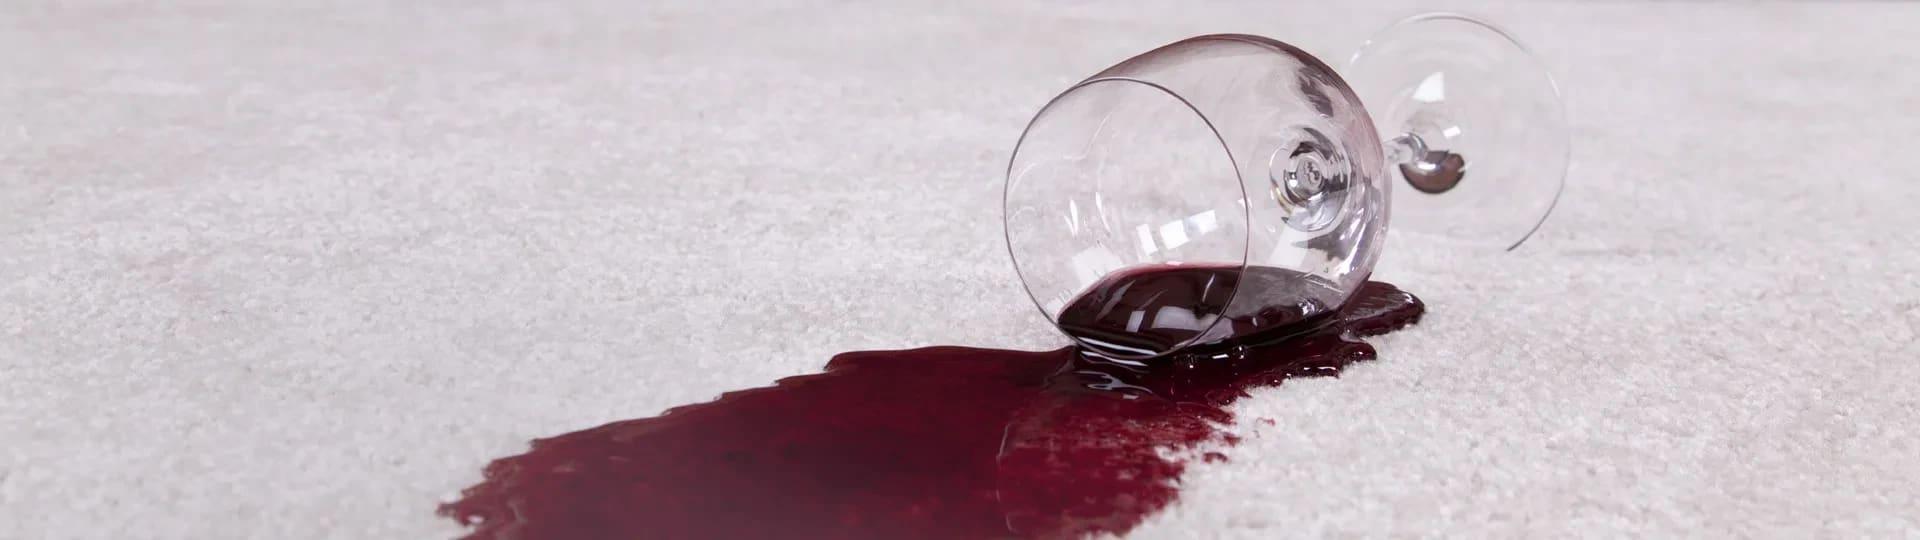 ta bort vinfläckar på duk